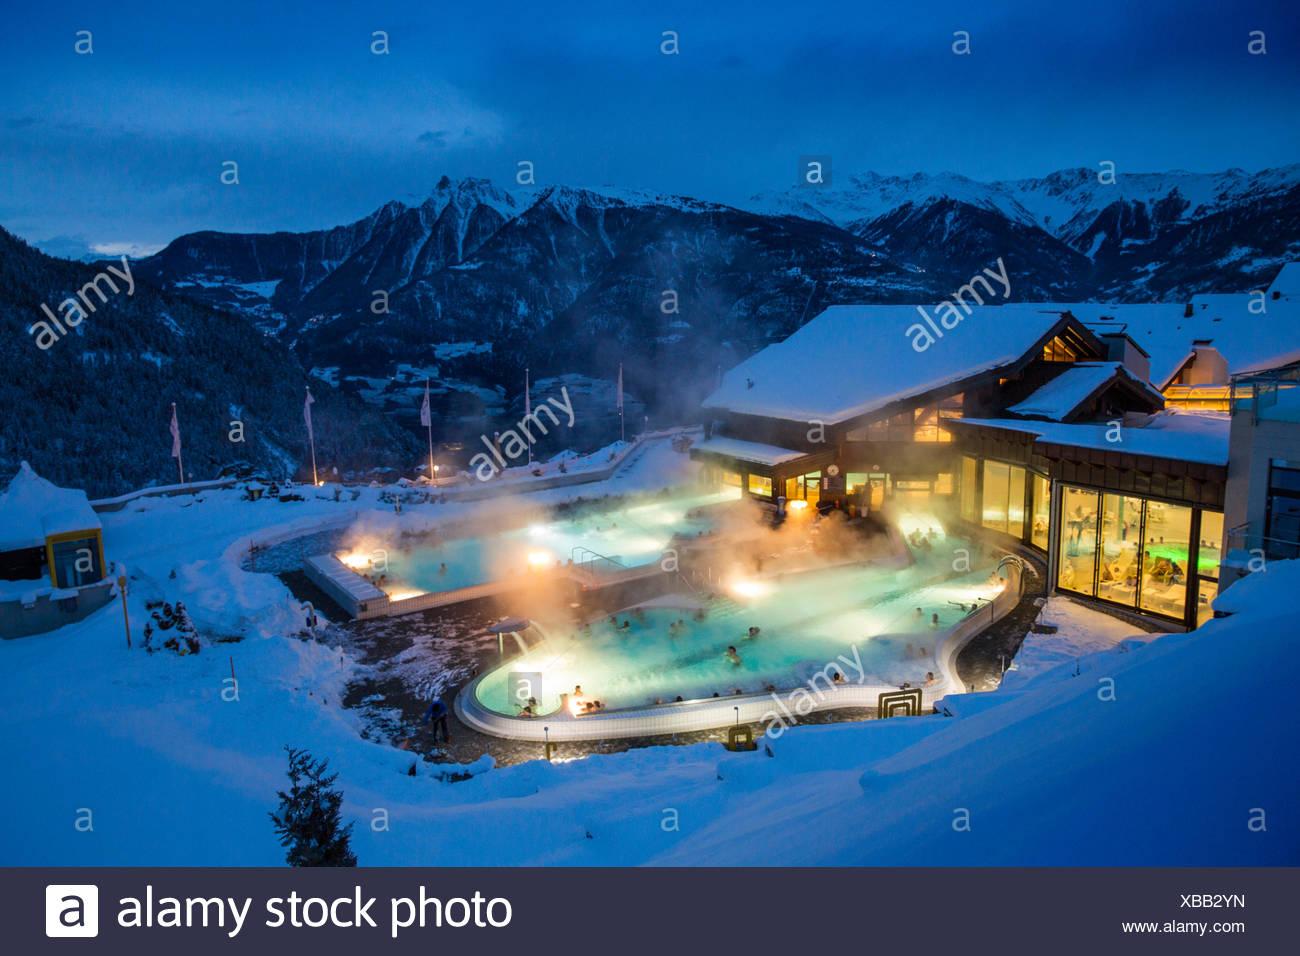 Salle De Bain Valais ~ bain bath stock photos bain bath stock images alamy